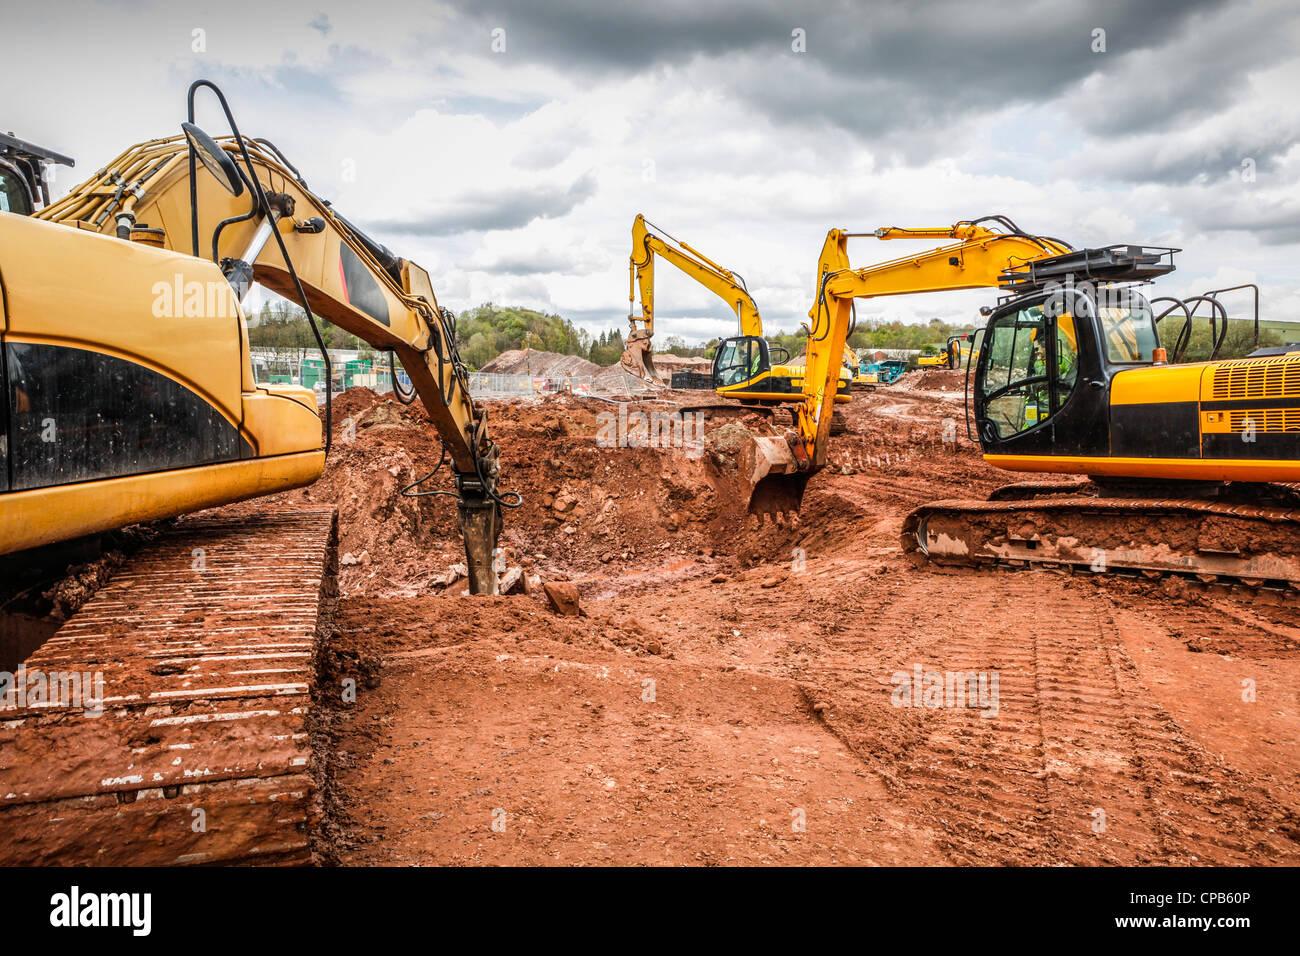 Erdbewegung auf einer Baustelle. Graben ein Loch. Stockbild